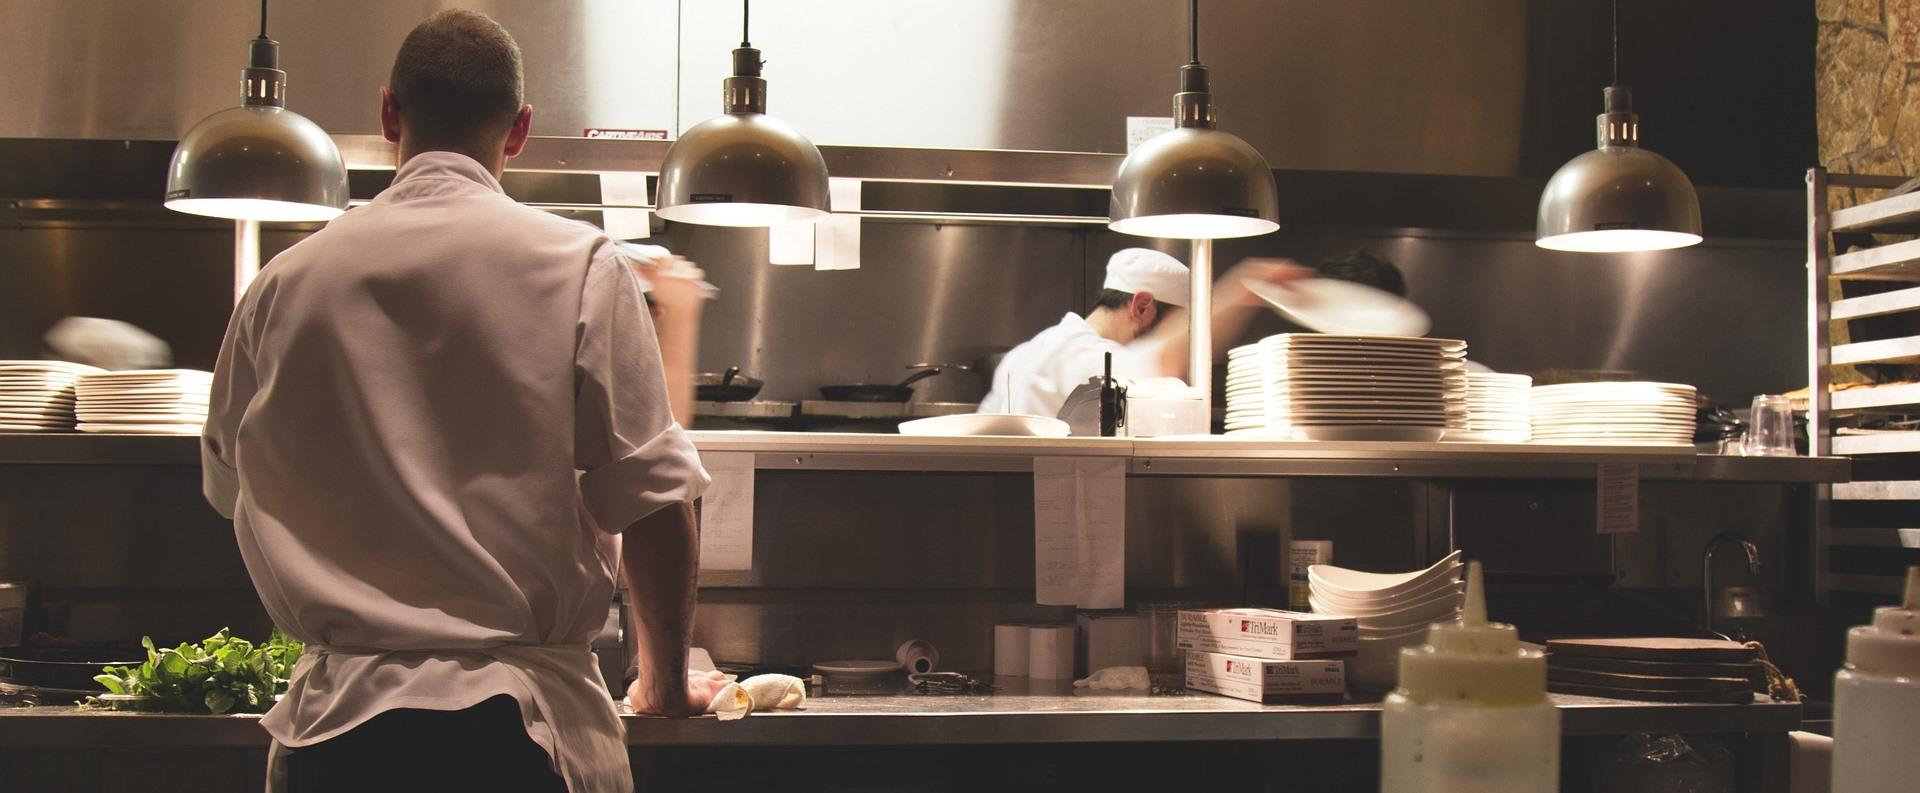 Balatoni vállalkozók: irreálisak a bérigények, kevés a munkaerő